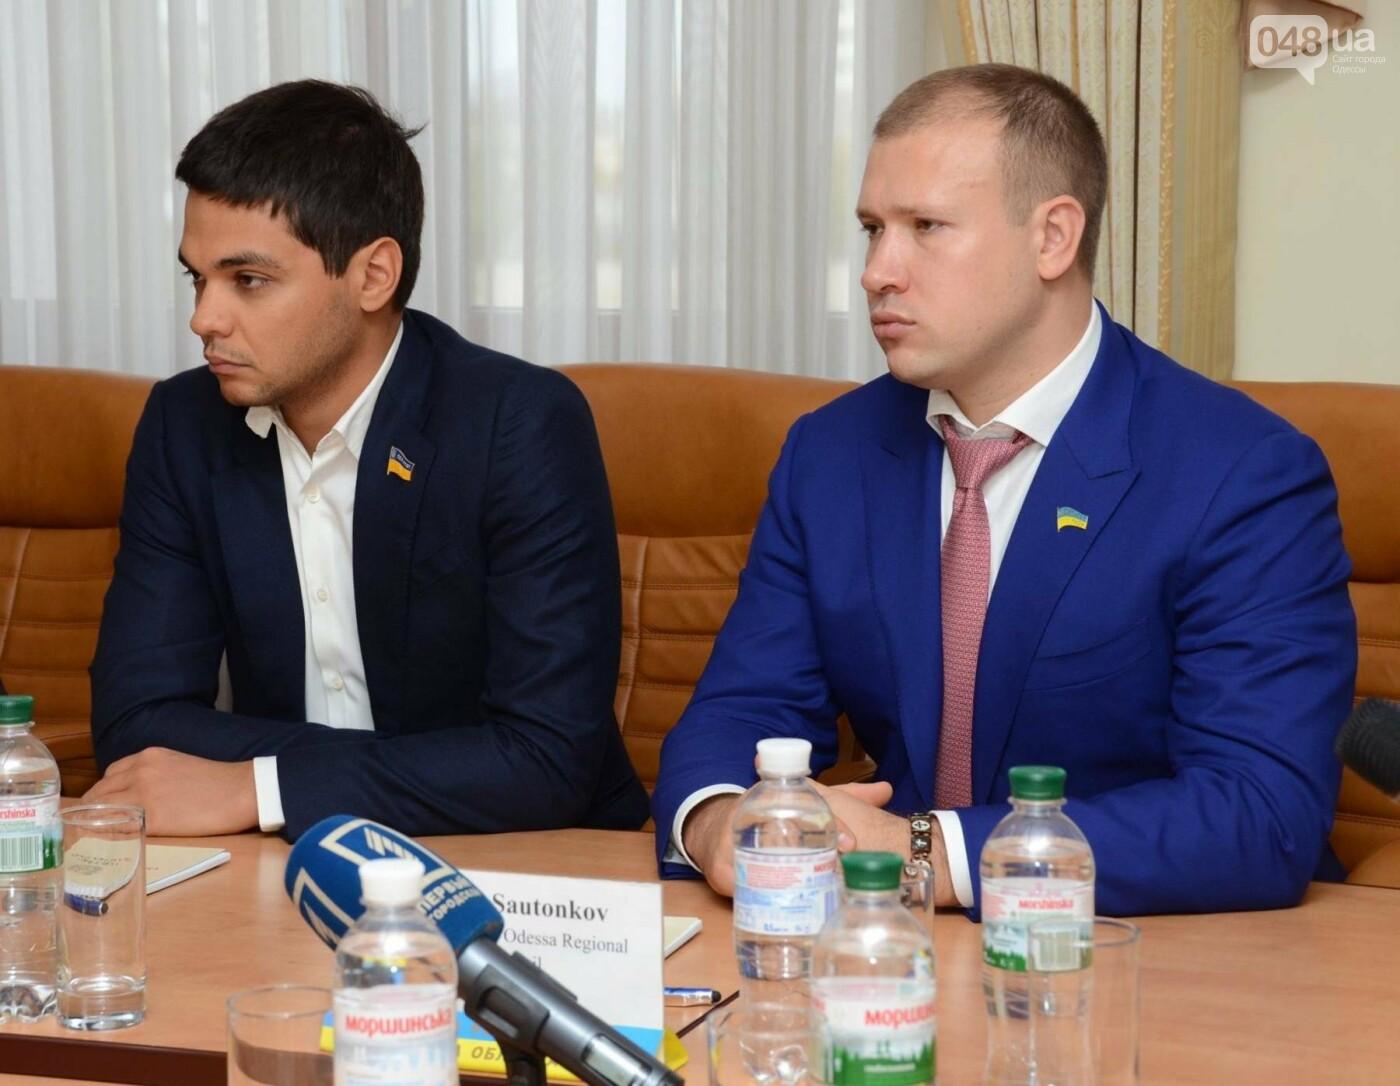 Одесскую область посетила делегация Ассамблеи Европейских регионов, фото-2